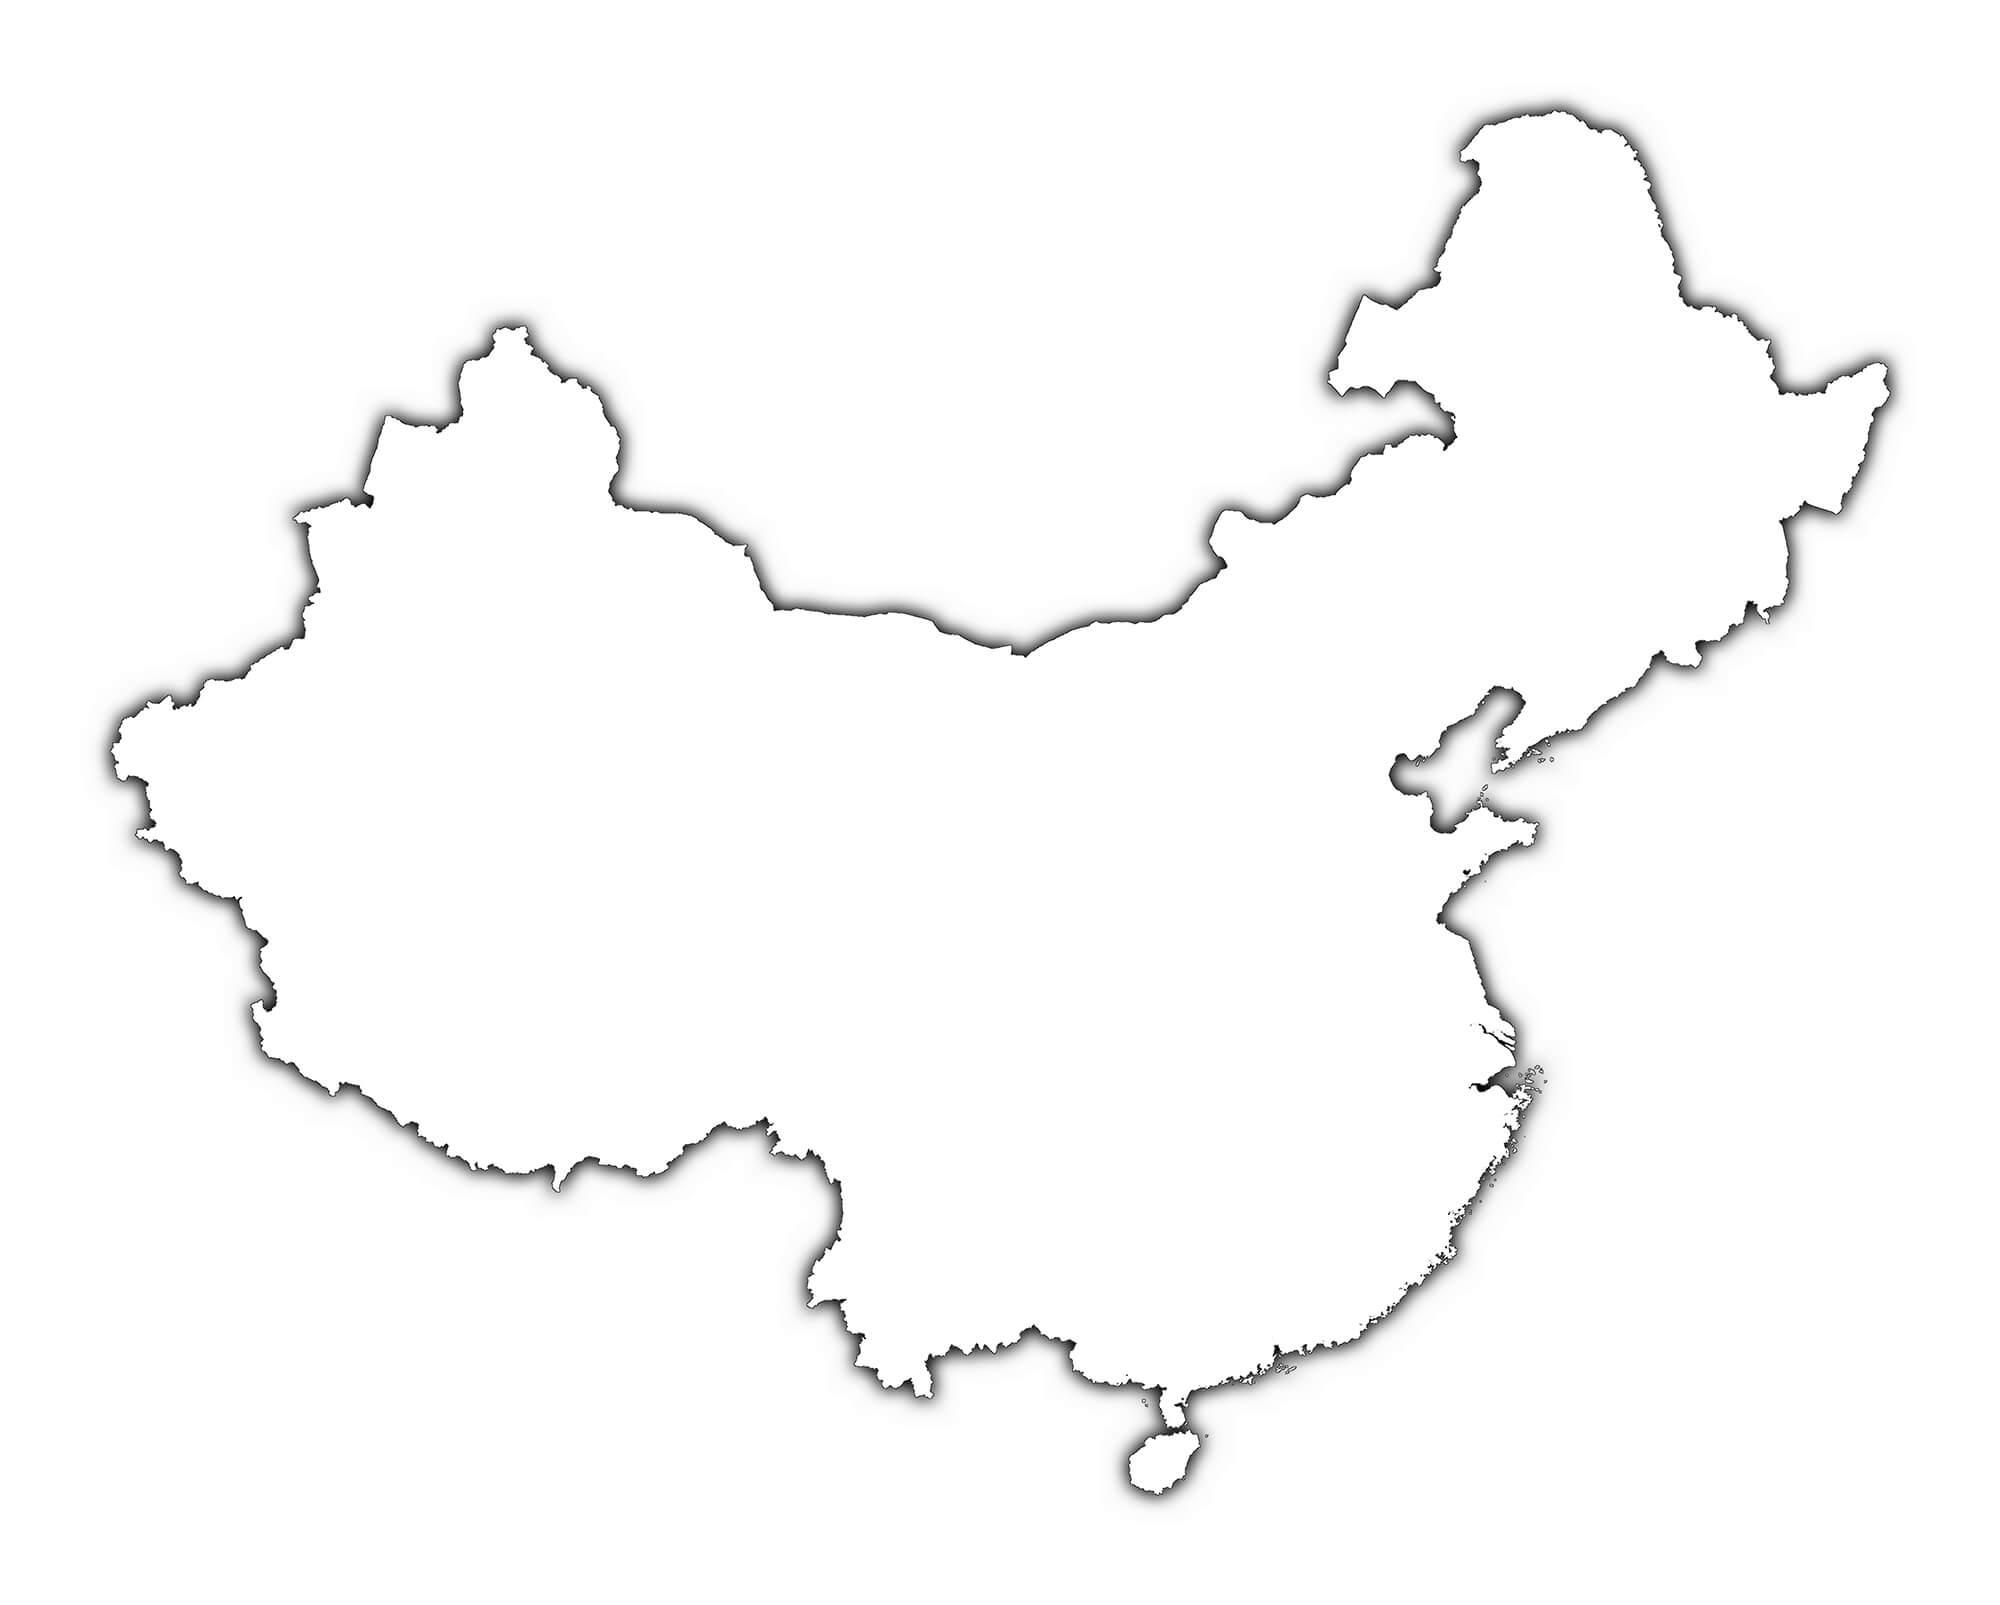 China Map Drawing At Getdrawings